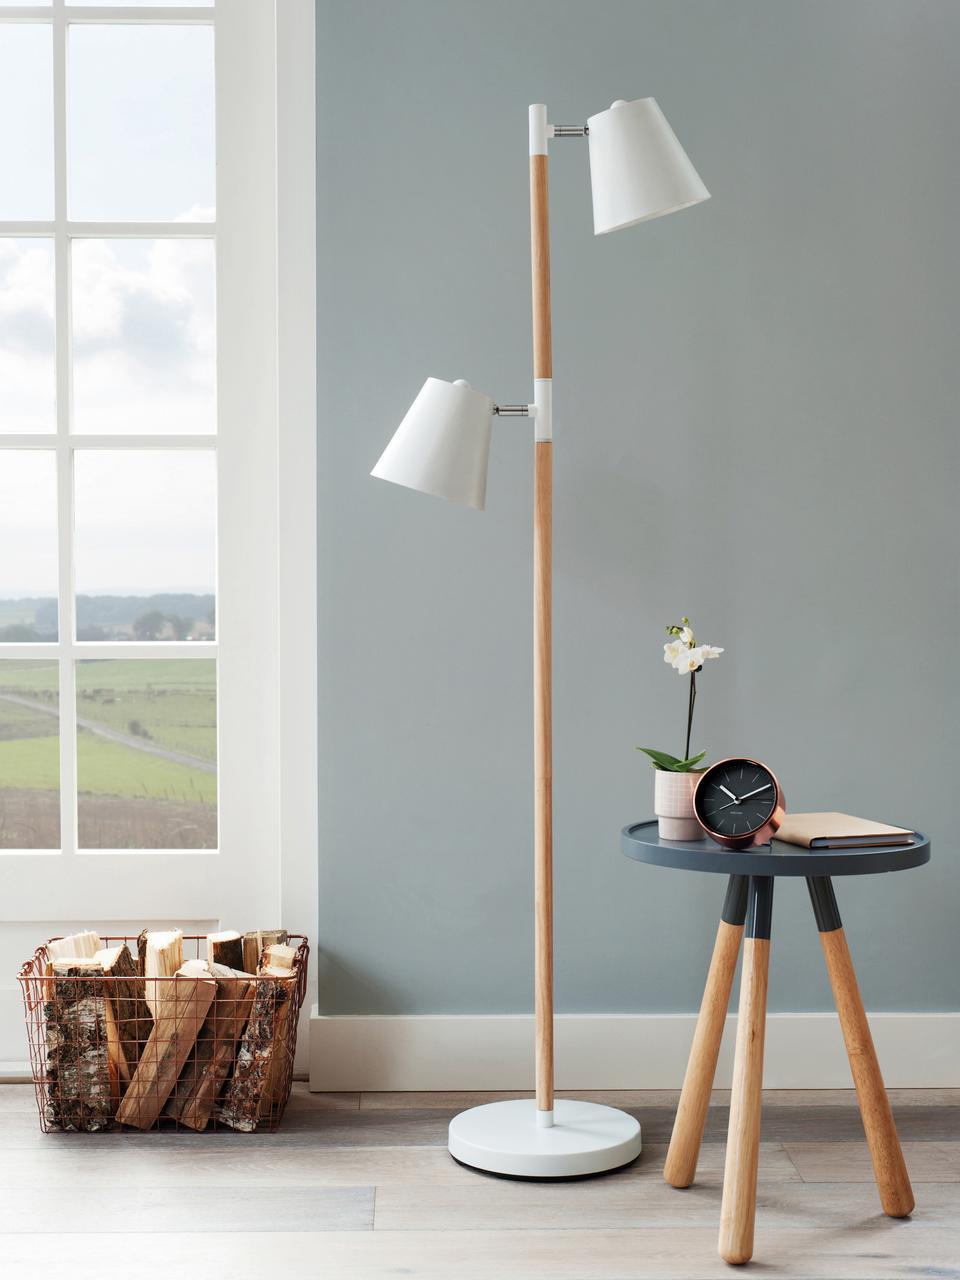 Lampa podłogowa Rubi, Metal powlekany, drewno naturalne, Biały, Ø 18 x W 150 cm